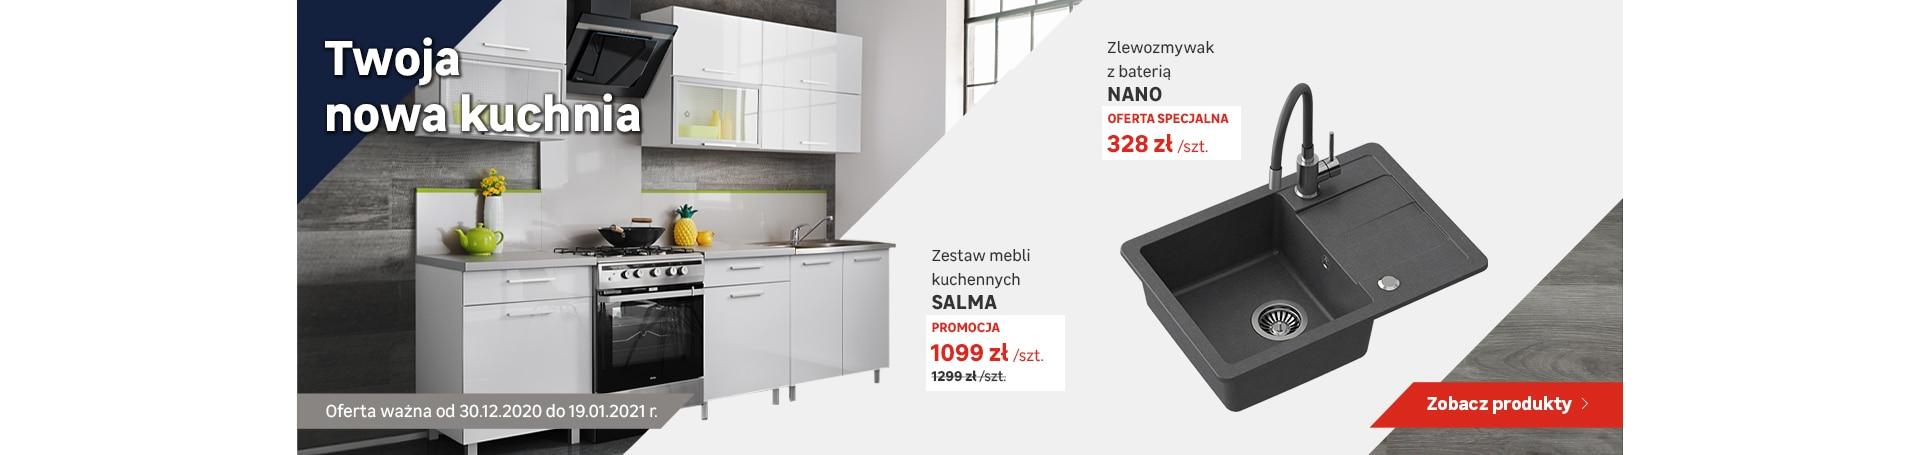 ps-kuchnia-30.12.2020-19.01.2021-1323x455